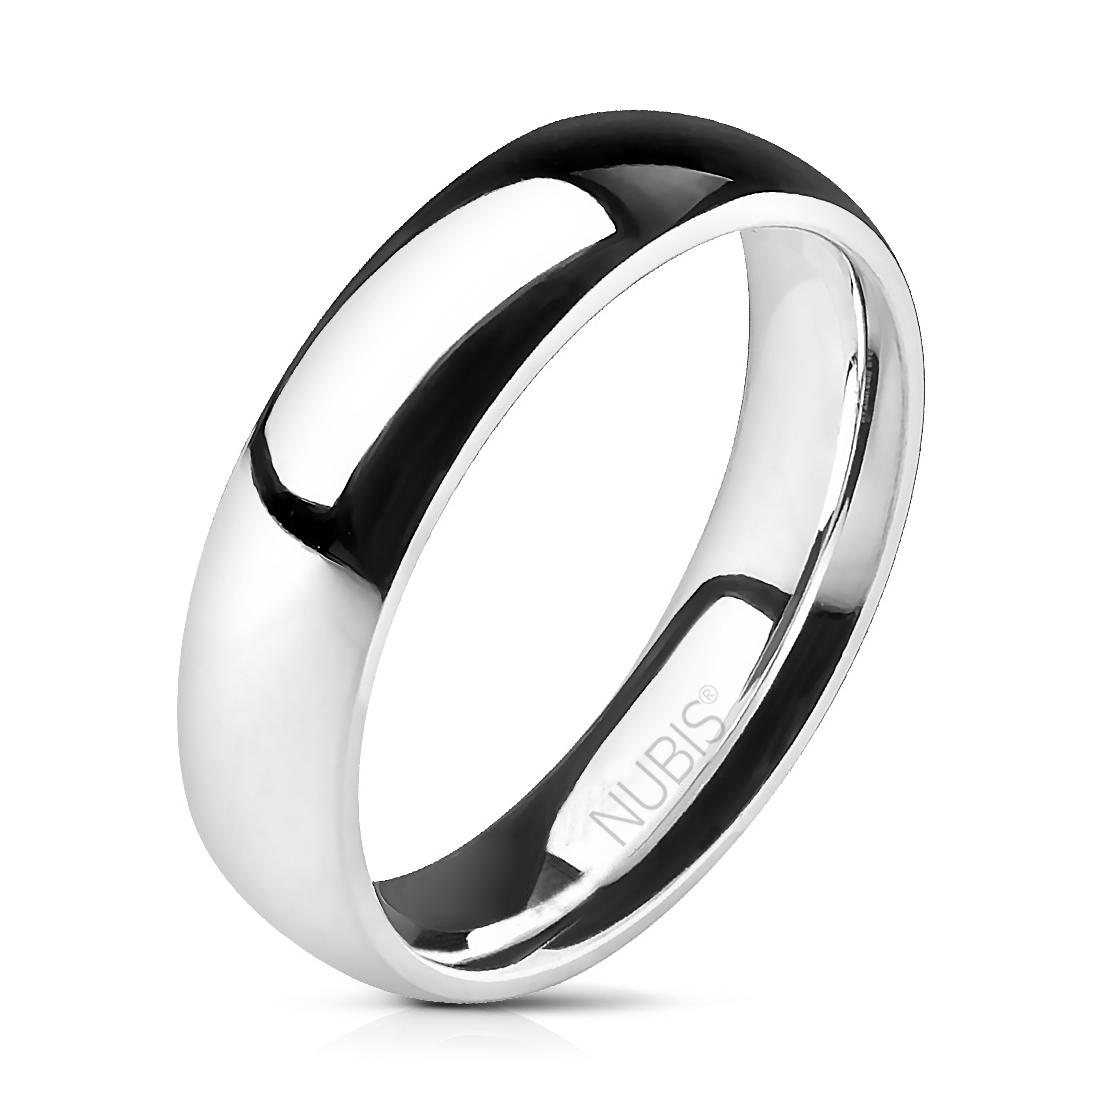 NSS1024 Pánský ocelový snubní prsten, 5 mm